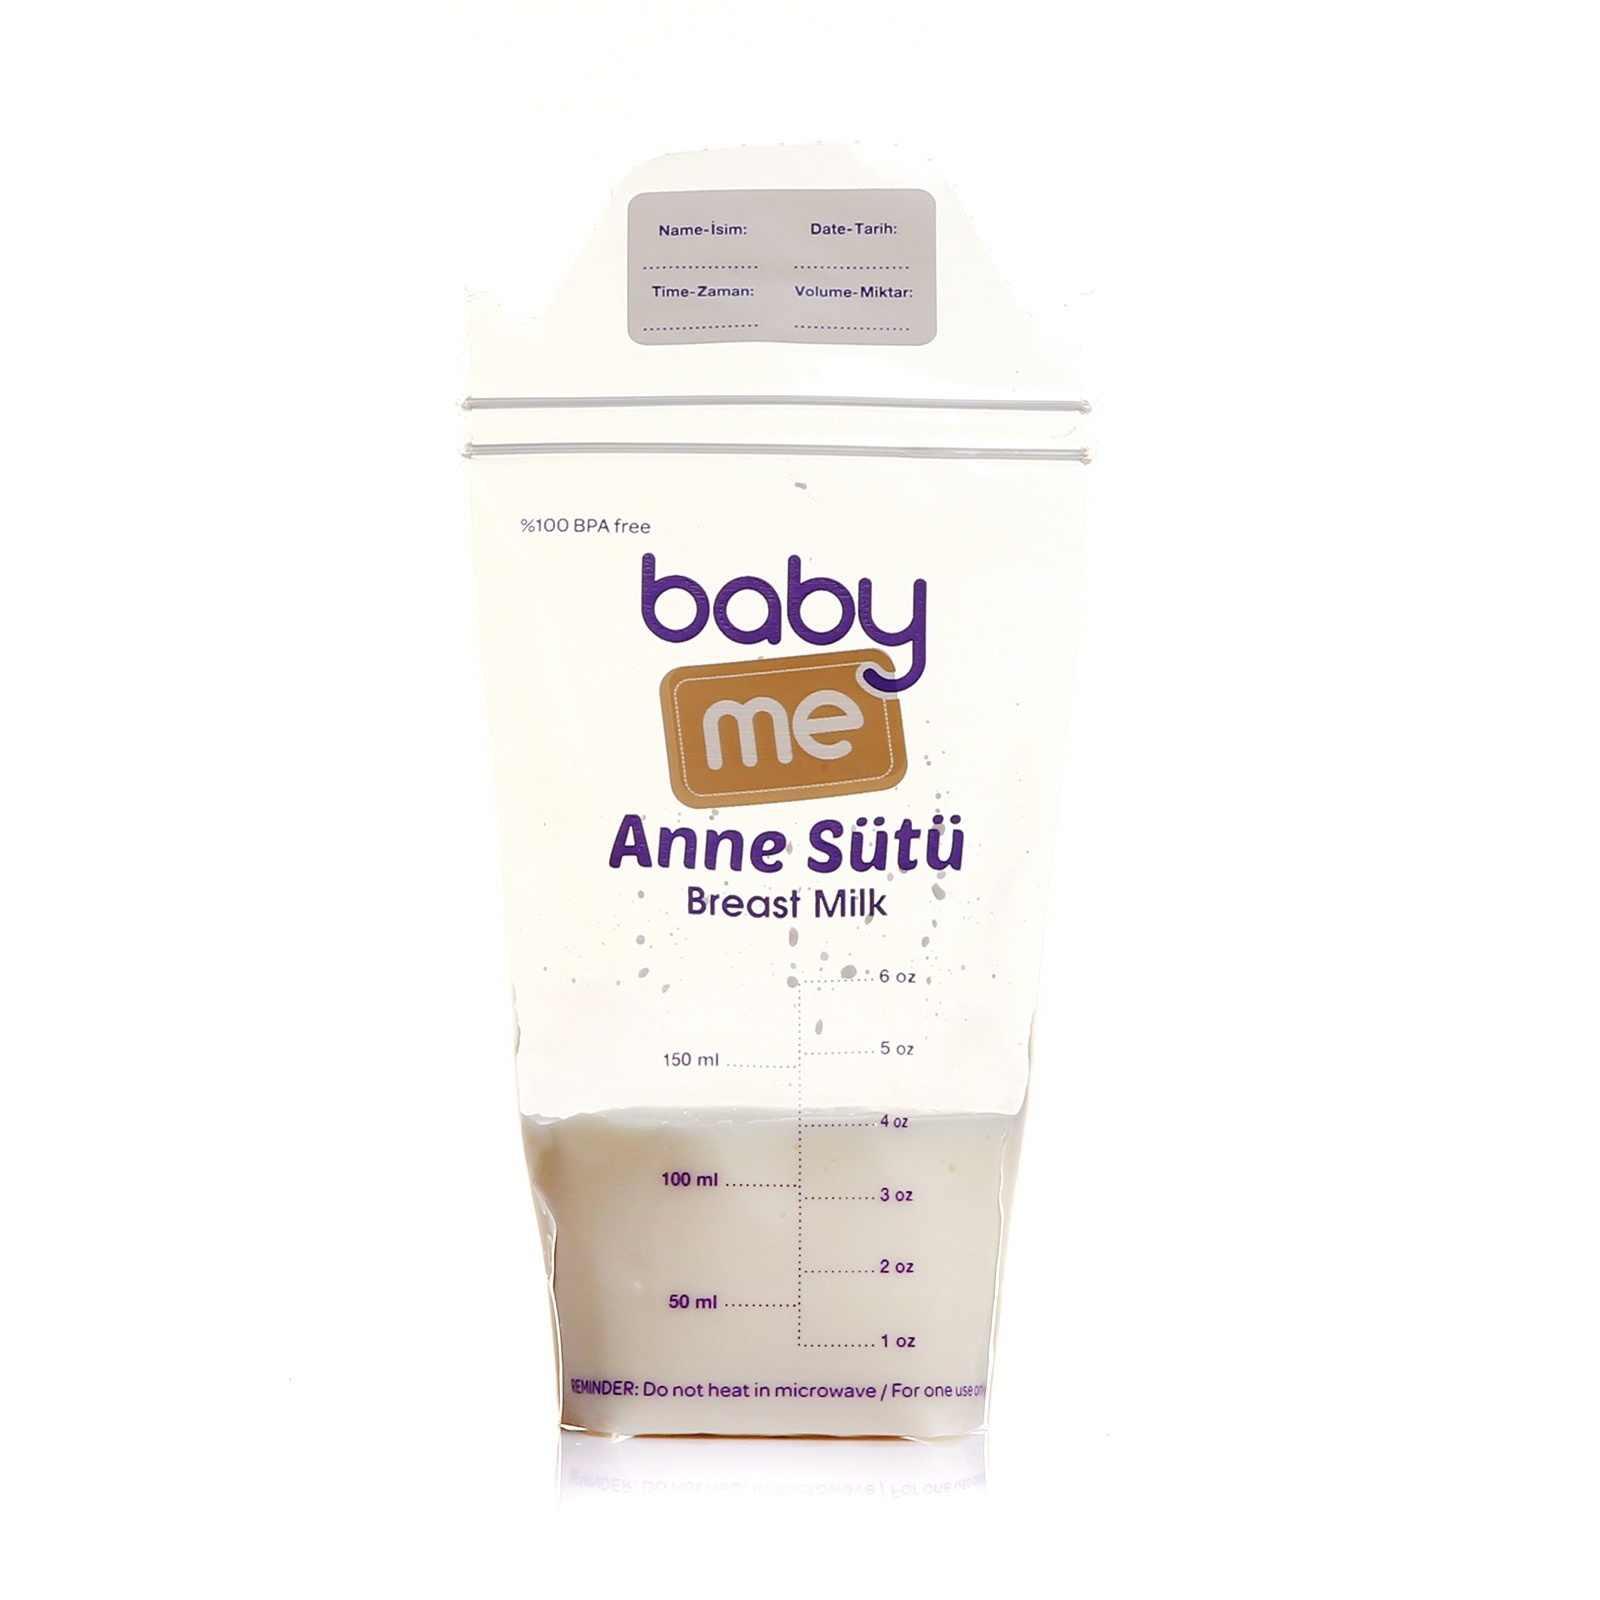 Ebebebek baby me bolsa de almacenamiento de leche madre 25 uds-Paquete de ventajas